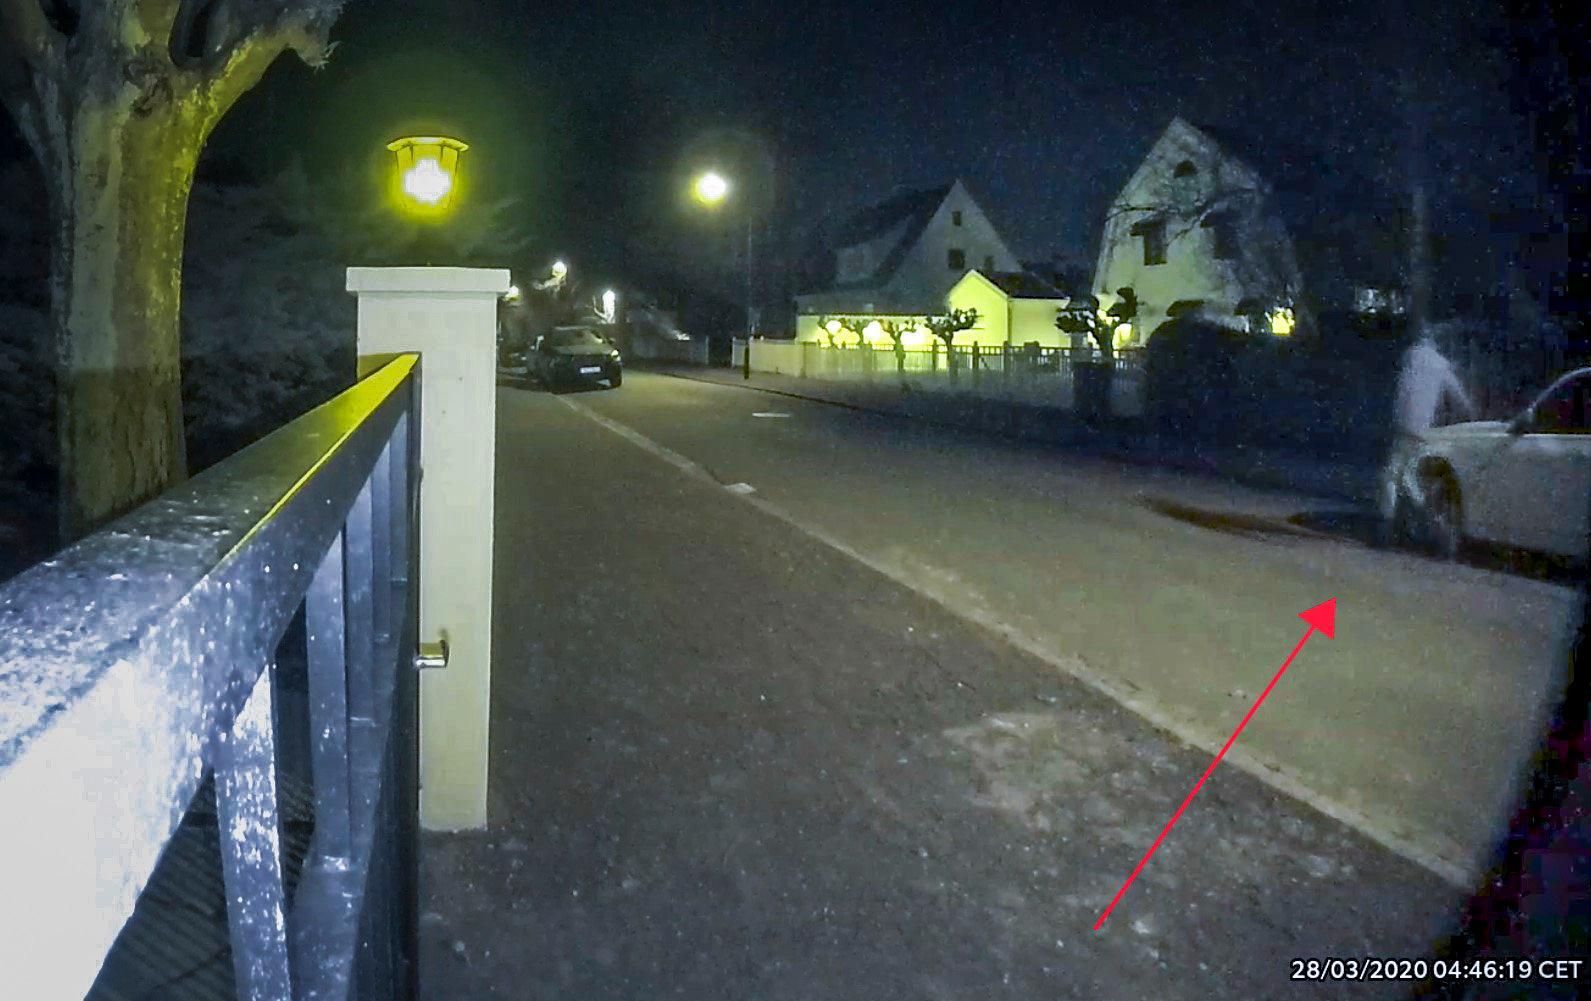 Polis i Malmö har gripit en man som misstänks ha repat bilars lack. Bilden är från polisen i Malmö som offentliggjorde en film i samband med en tidigare händelse i Malmö då en gärningsman repade lacken på flera bilar i staden. Något samband mellan de två händelserna har inte bevisats. Arkivbild.